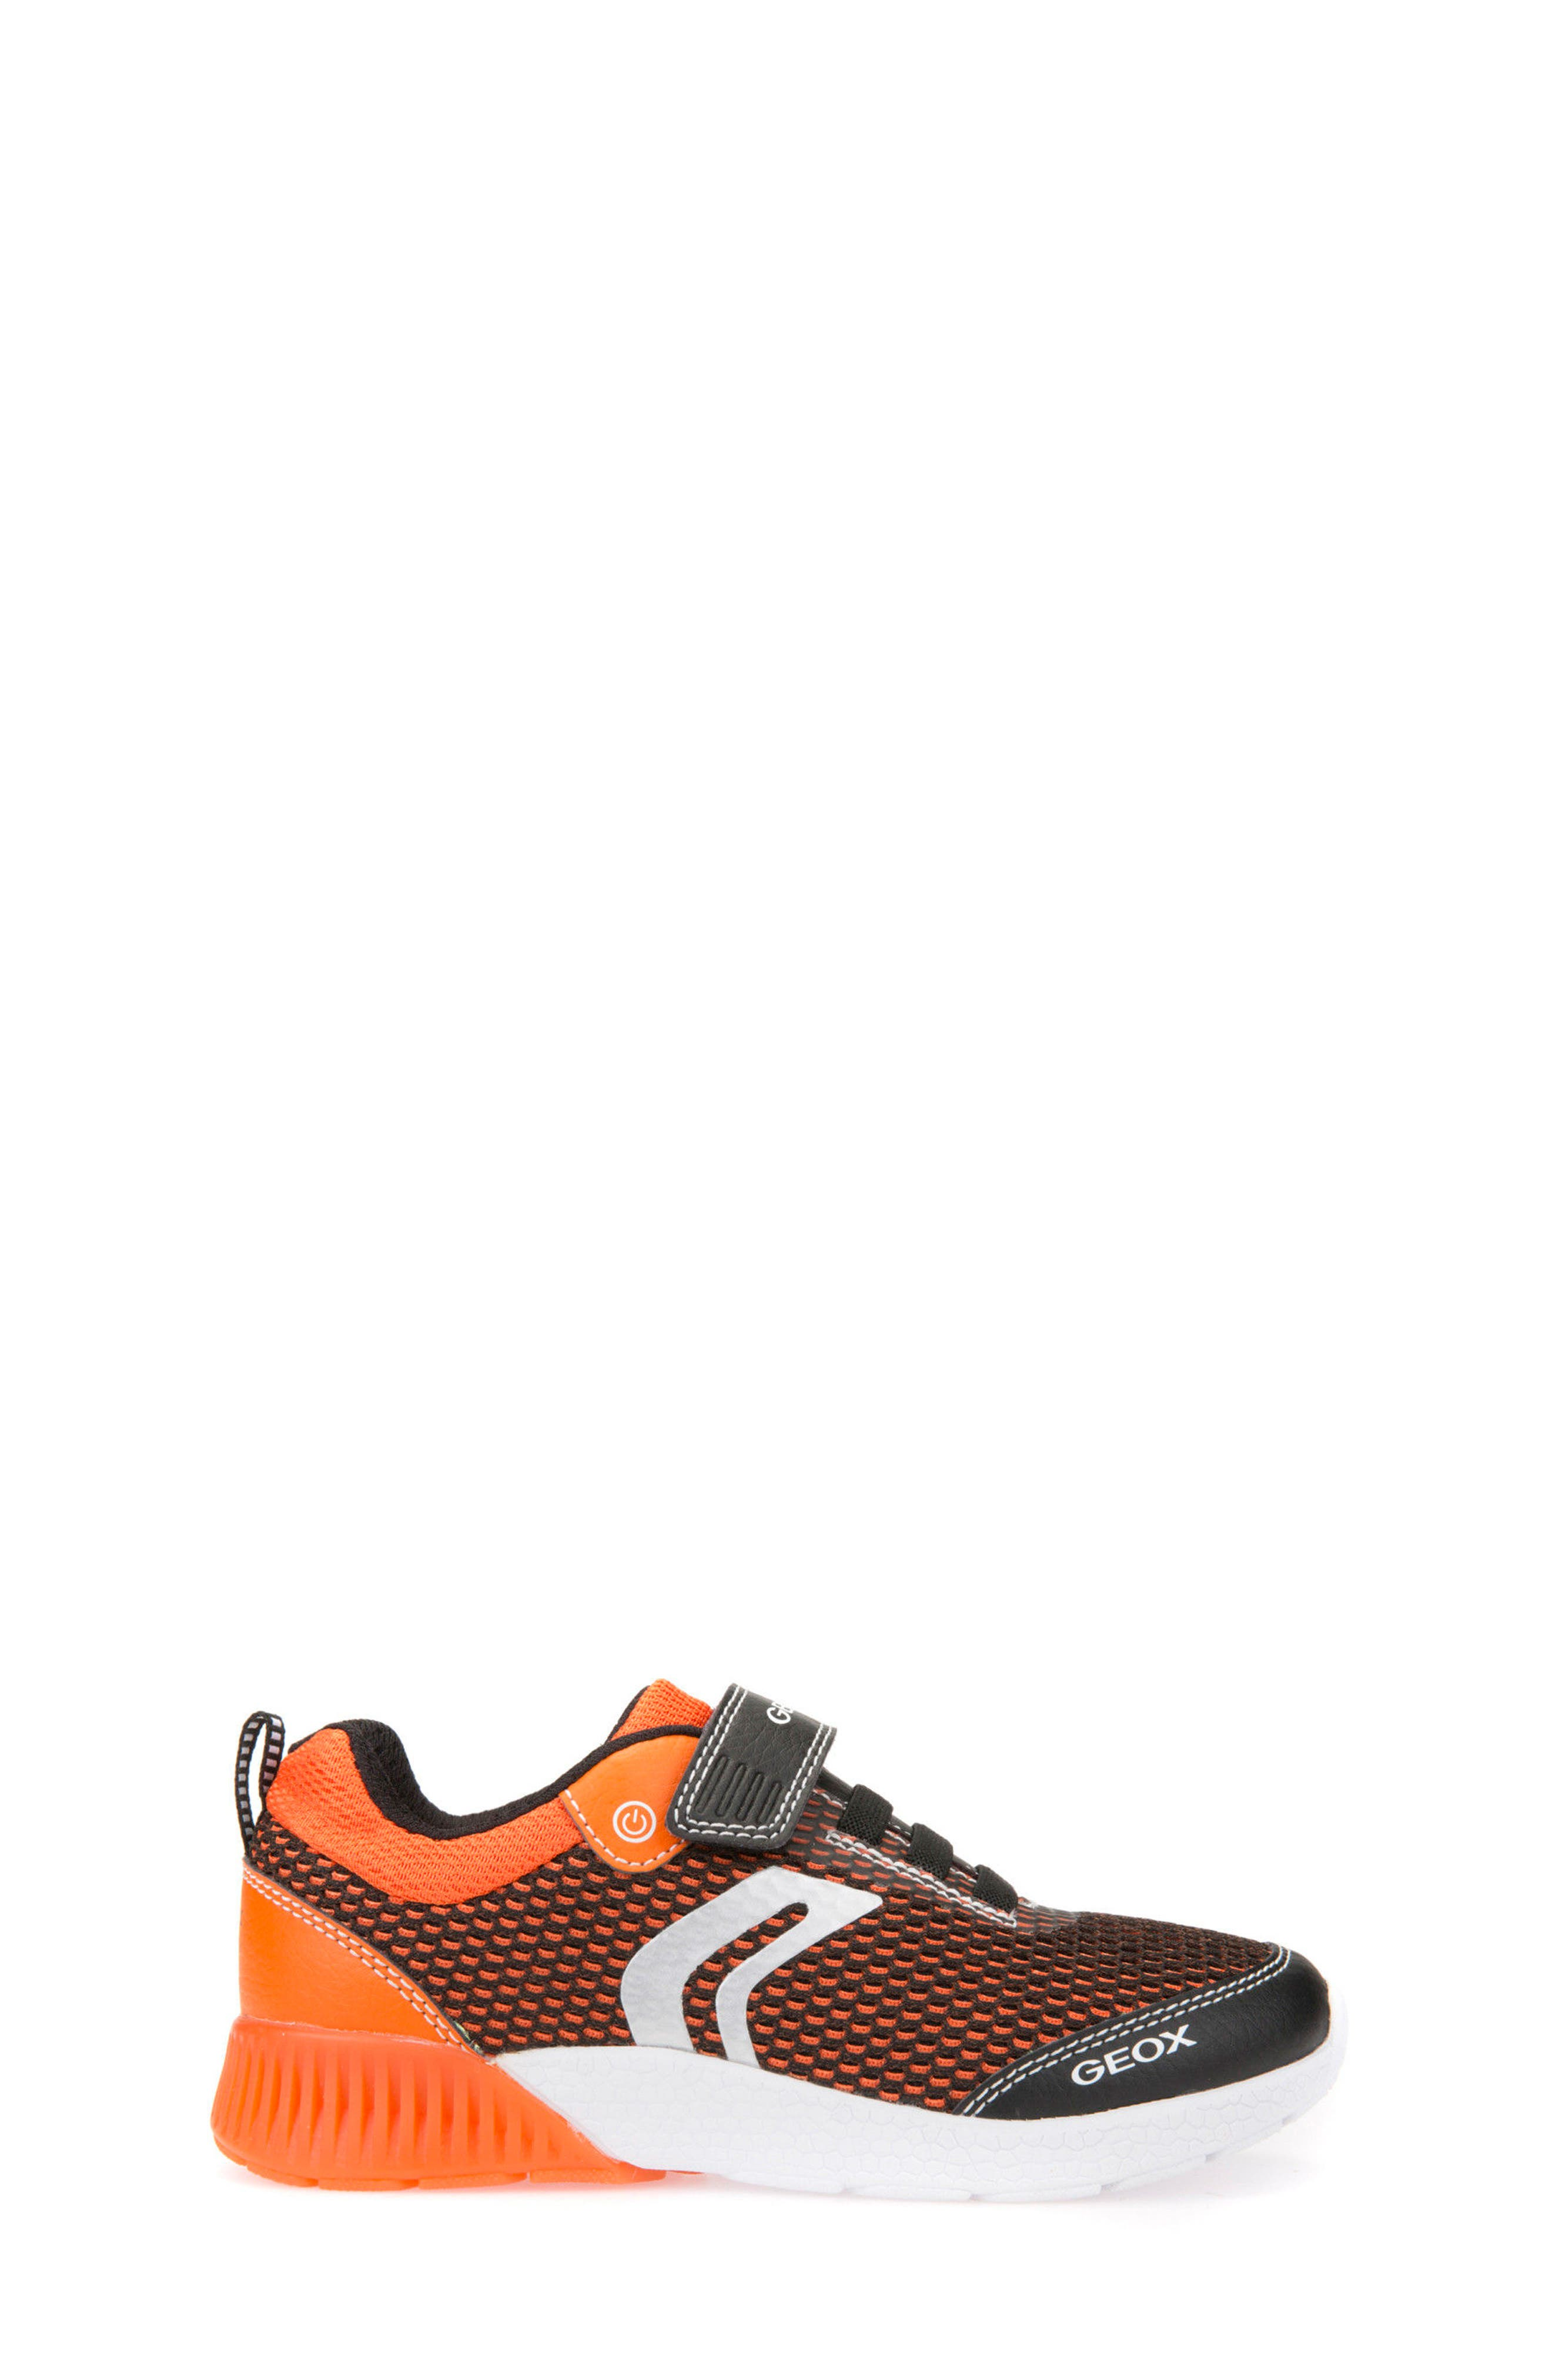 Sveth Light-Up Sneaker,                             Alternate thumbnail 3, color,                             BLACK/ ORANGE